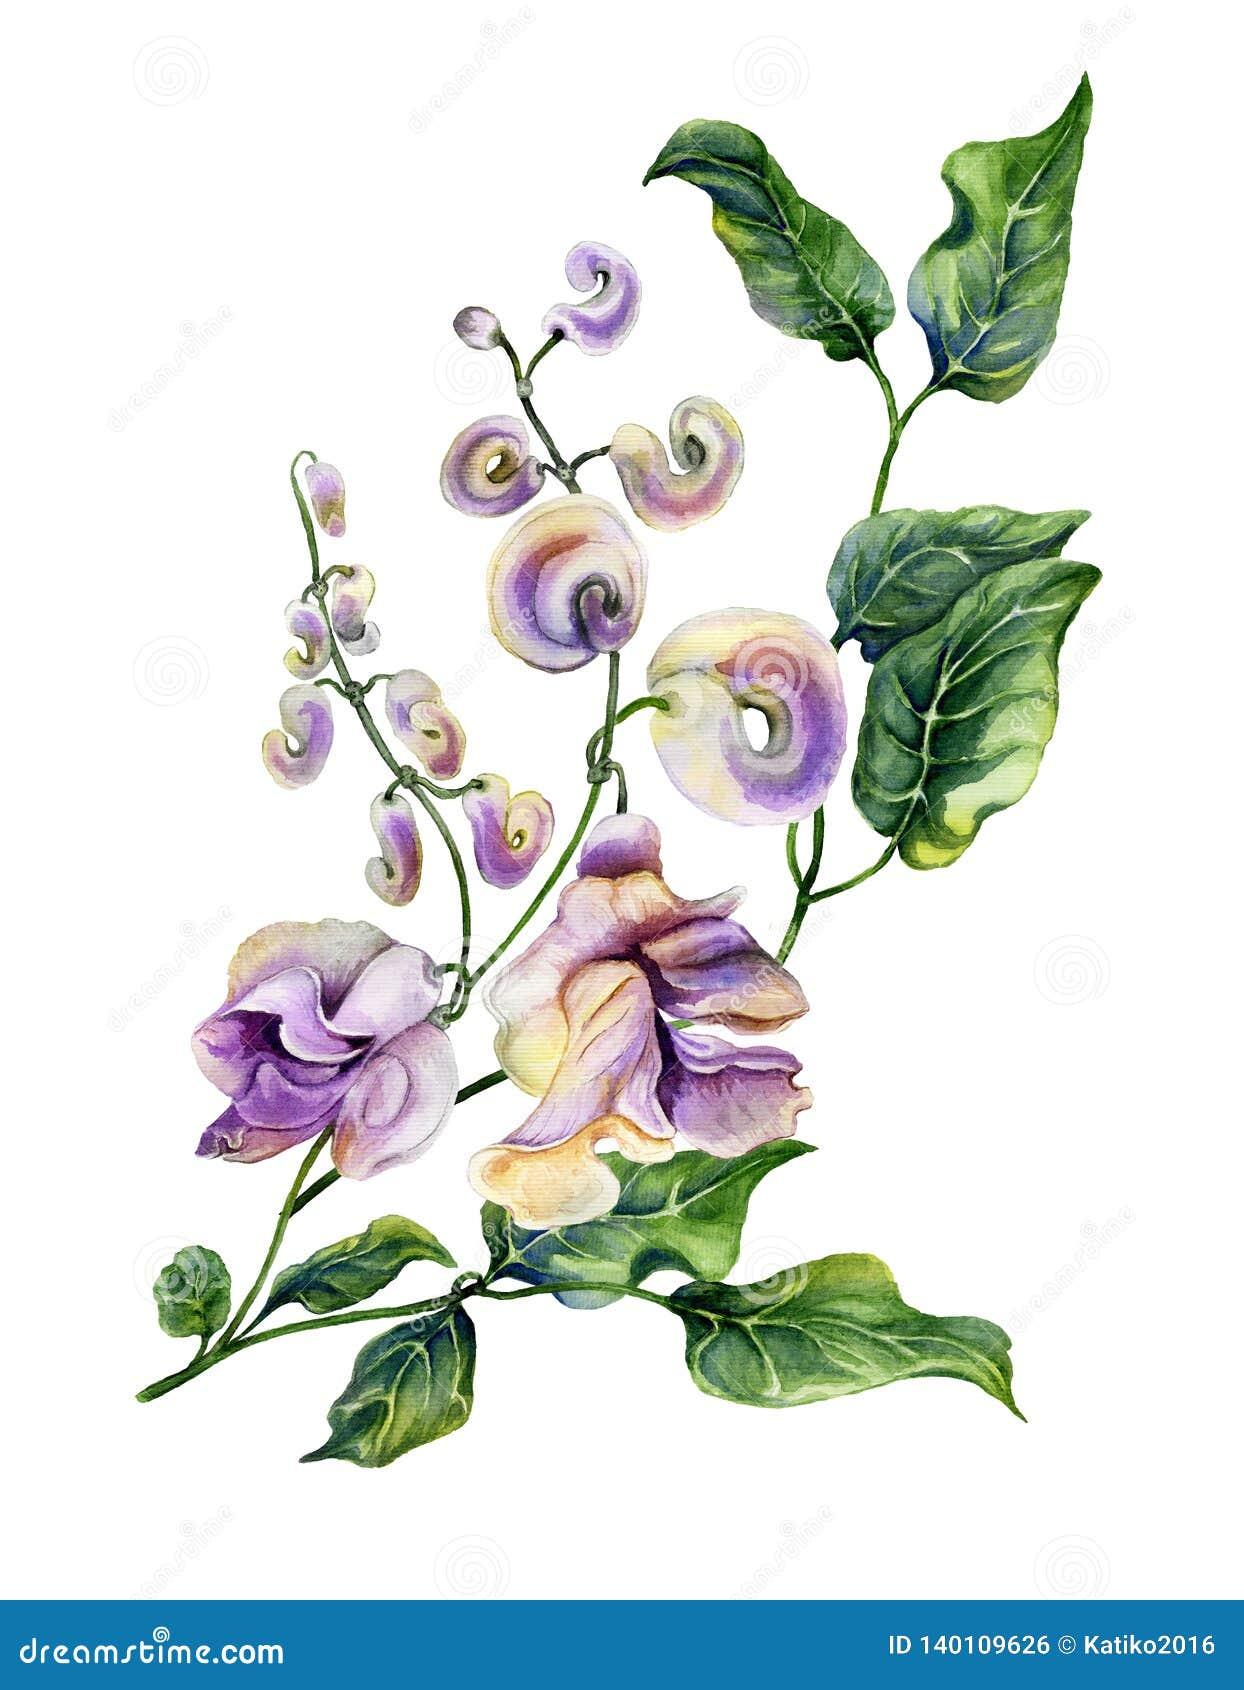 Όμορφος κλαδίσκος caracalla Cochliasanthus αμπέλων σαλιγκαριών με τα λουλούδια purpe και τα πράσινα φύλλα η ανασκόπηση απομόνωσε